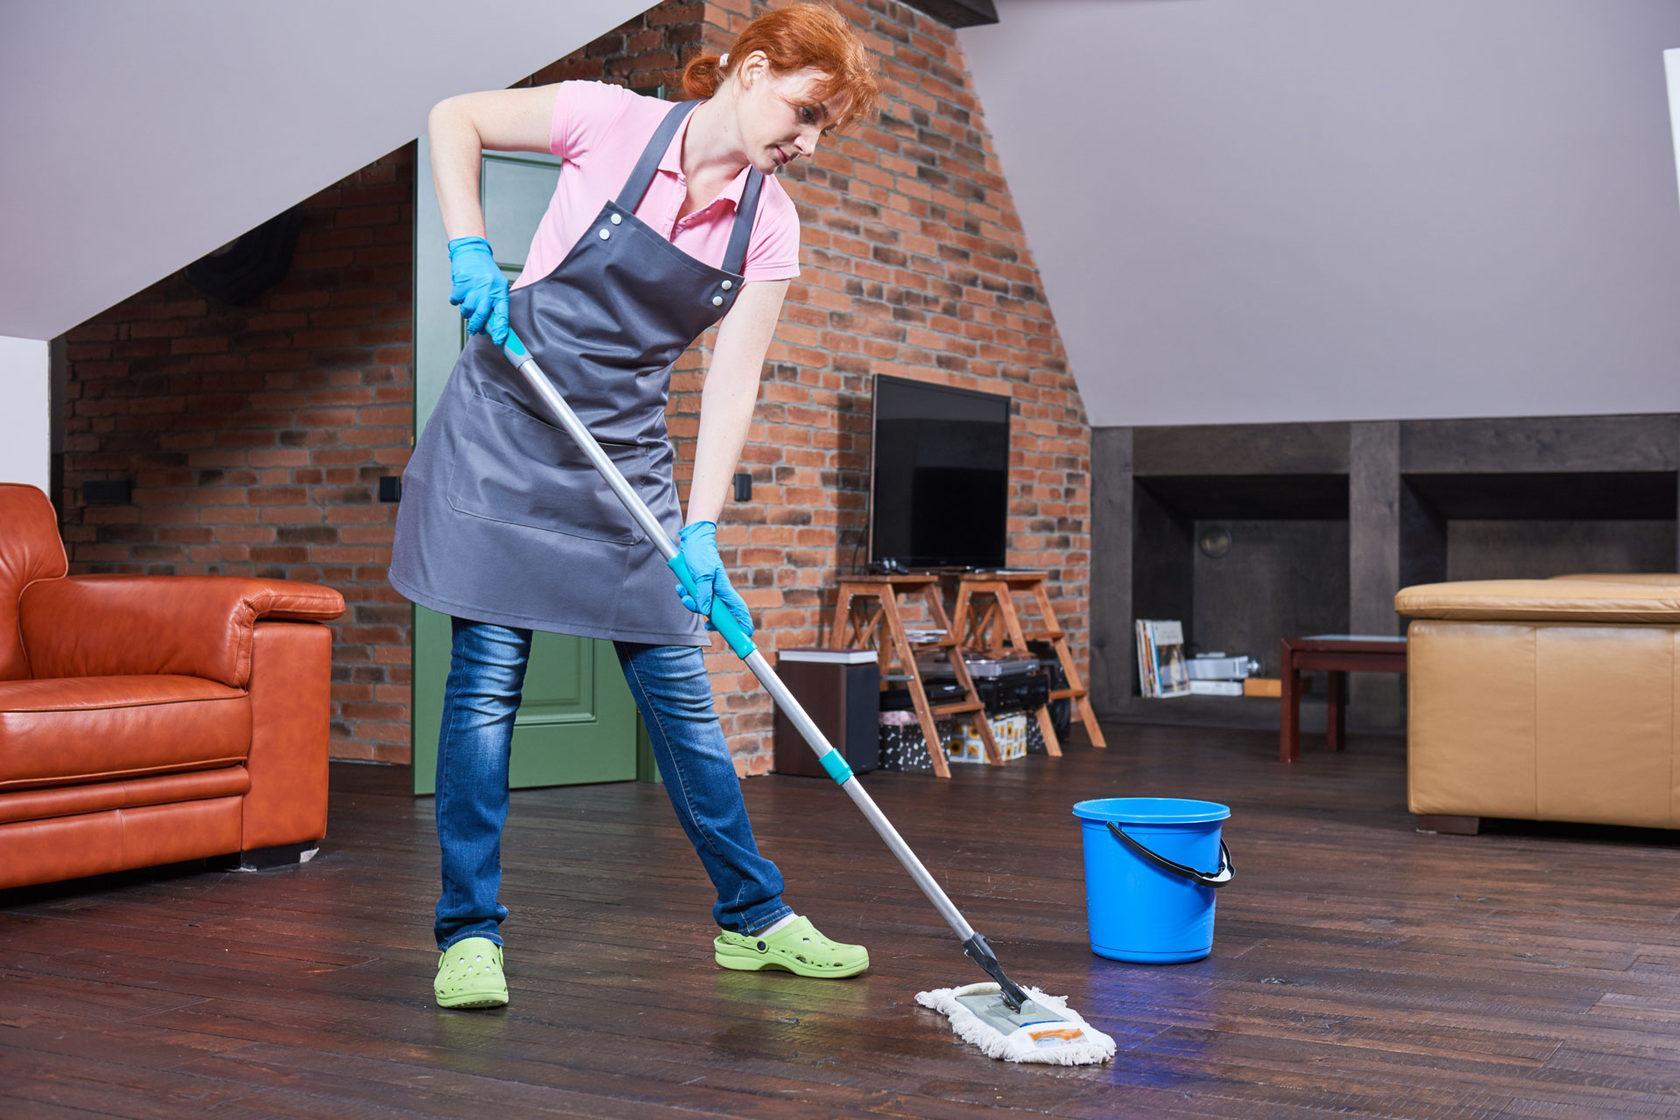 Почему бабушки запрещают мыть полы вечером или на ночь?